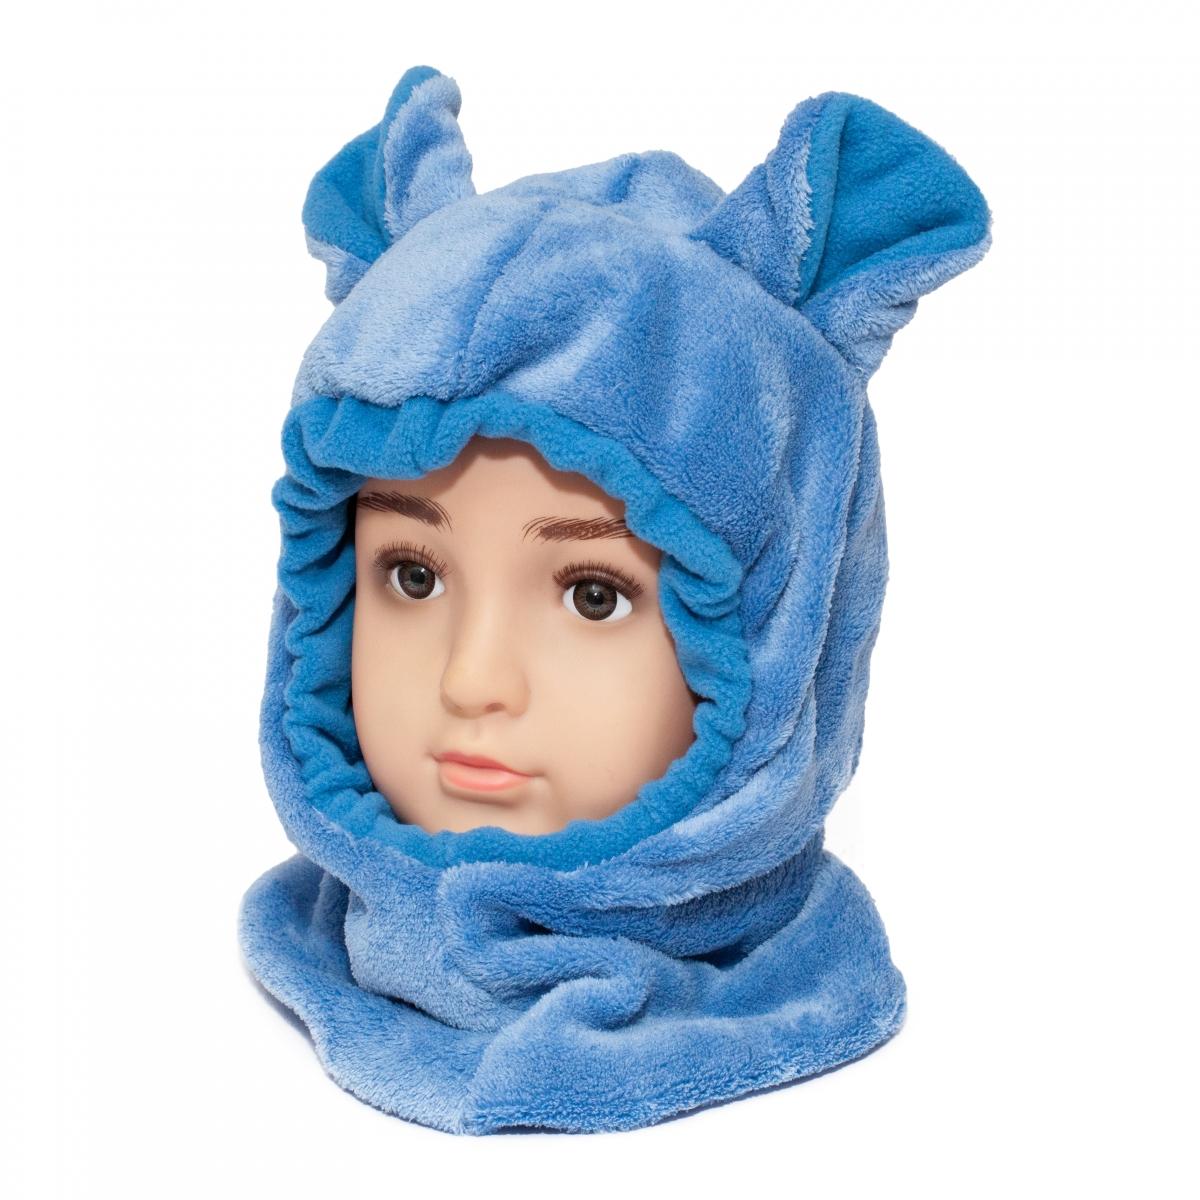 Cagula copii de iarna G9 albastru denim 1-7ani